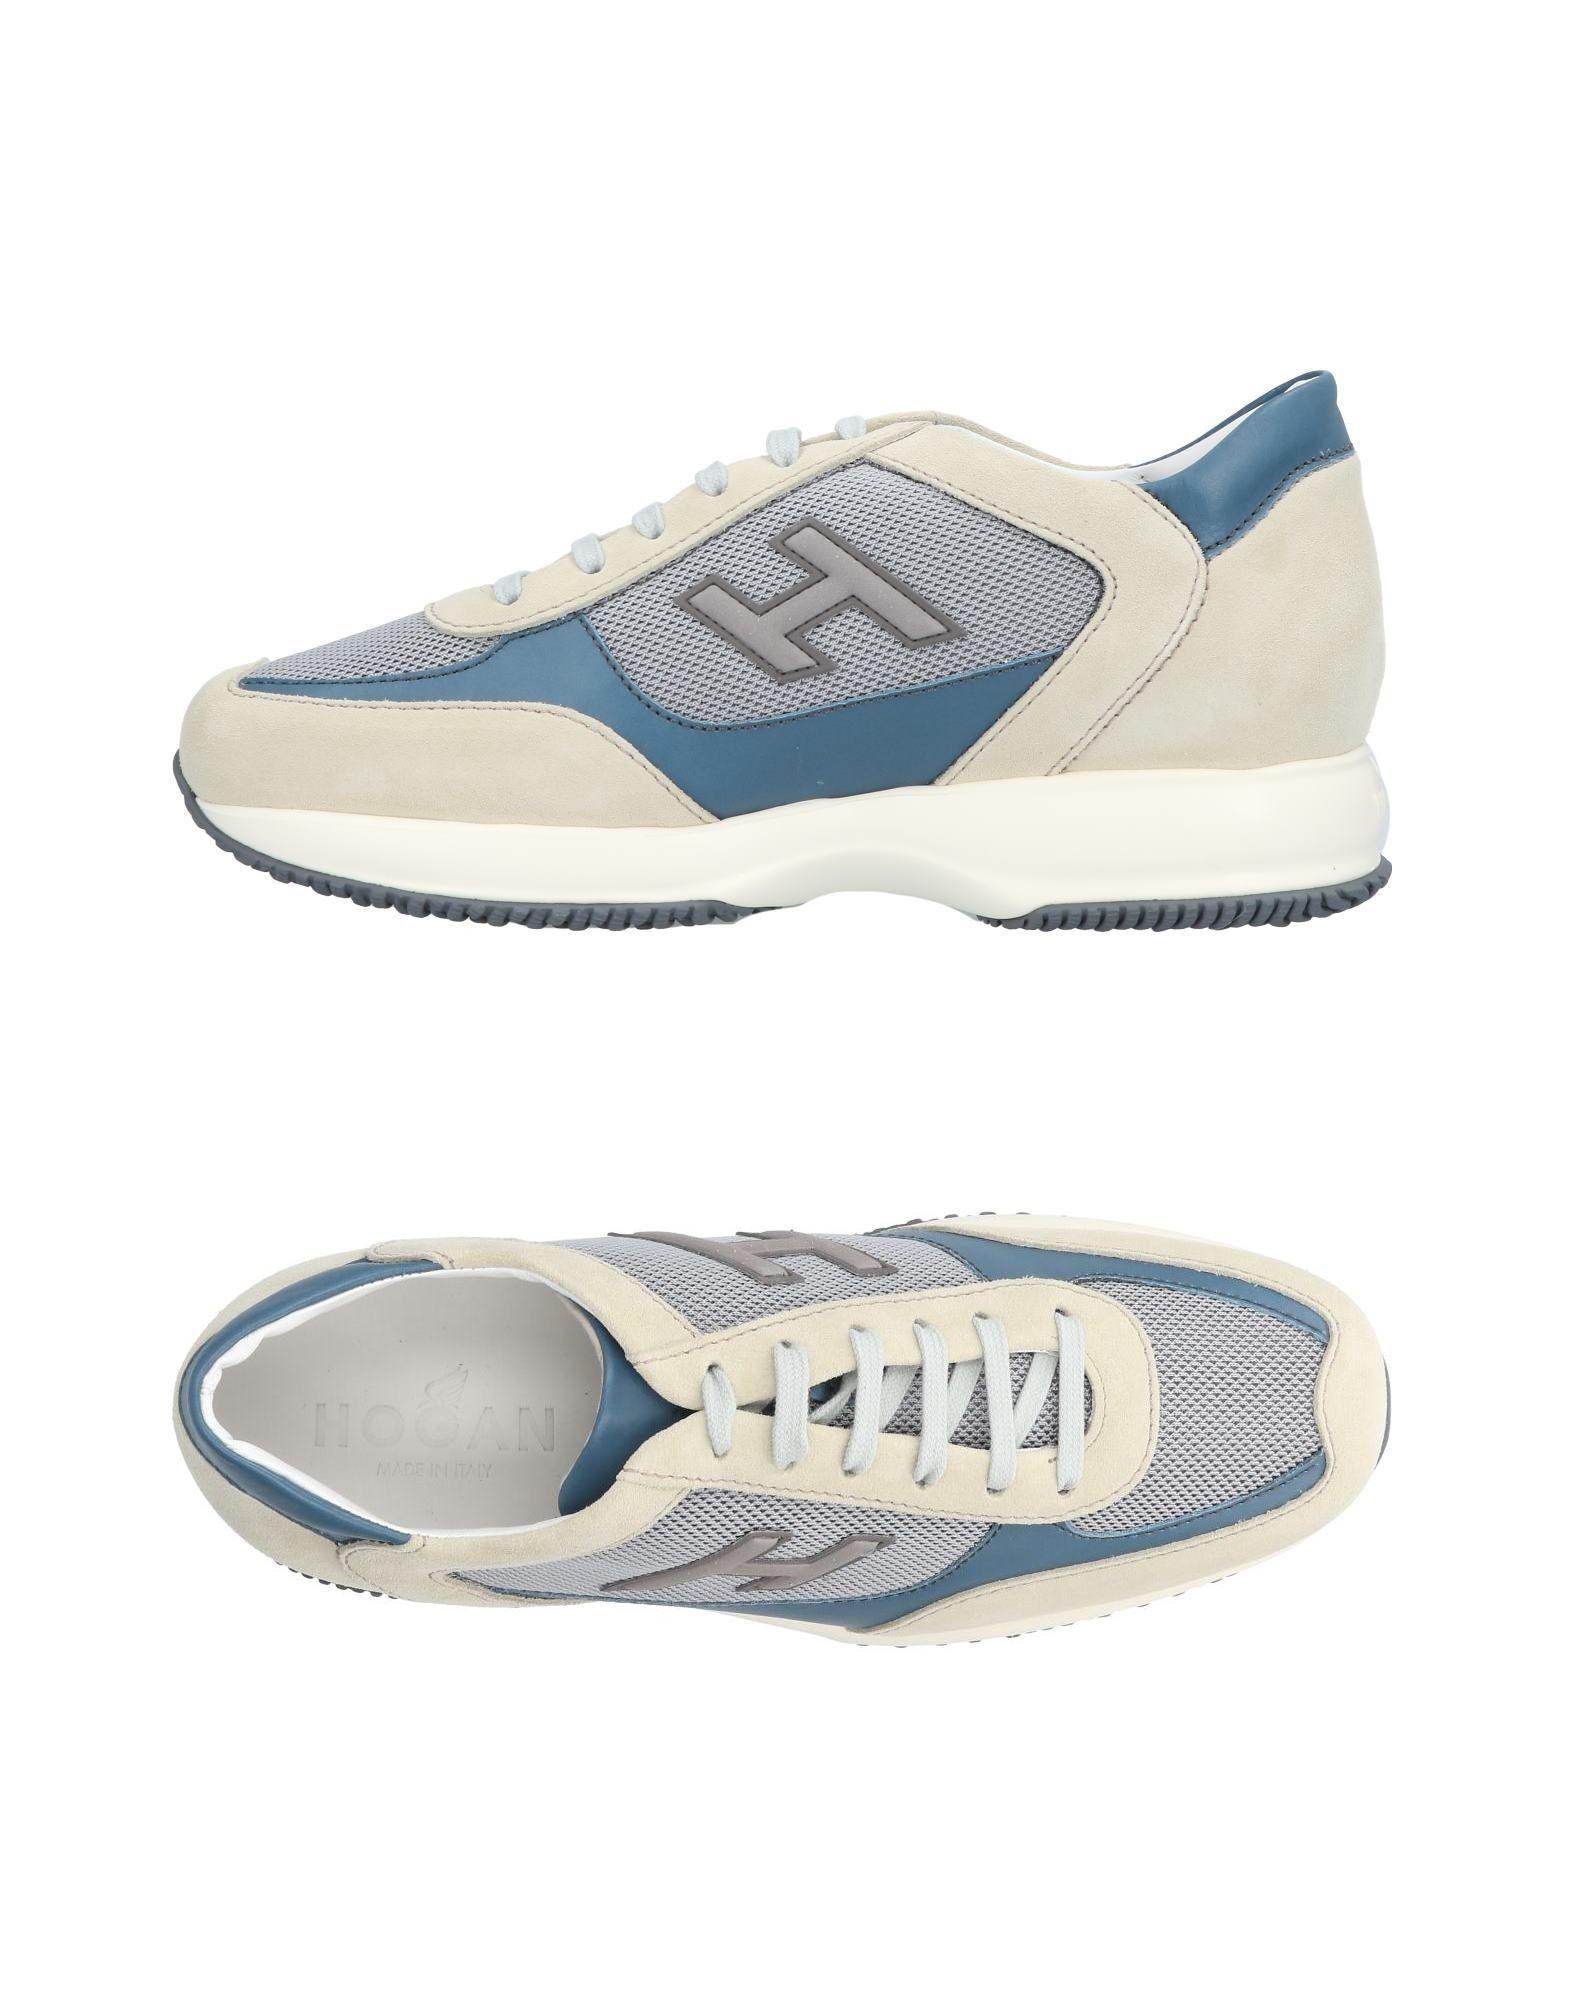 Hogan Sneakers Herren  11416869UD Gute Qualität beliebte Schuhe